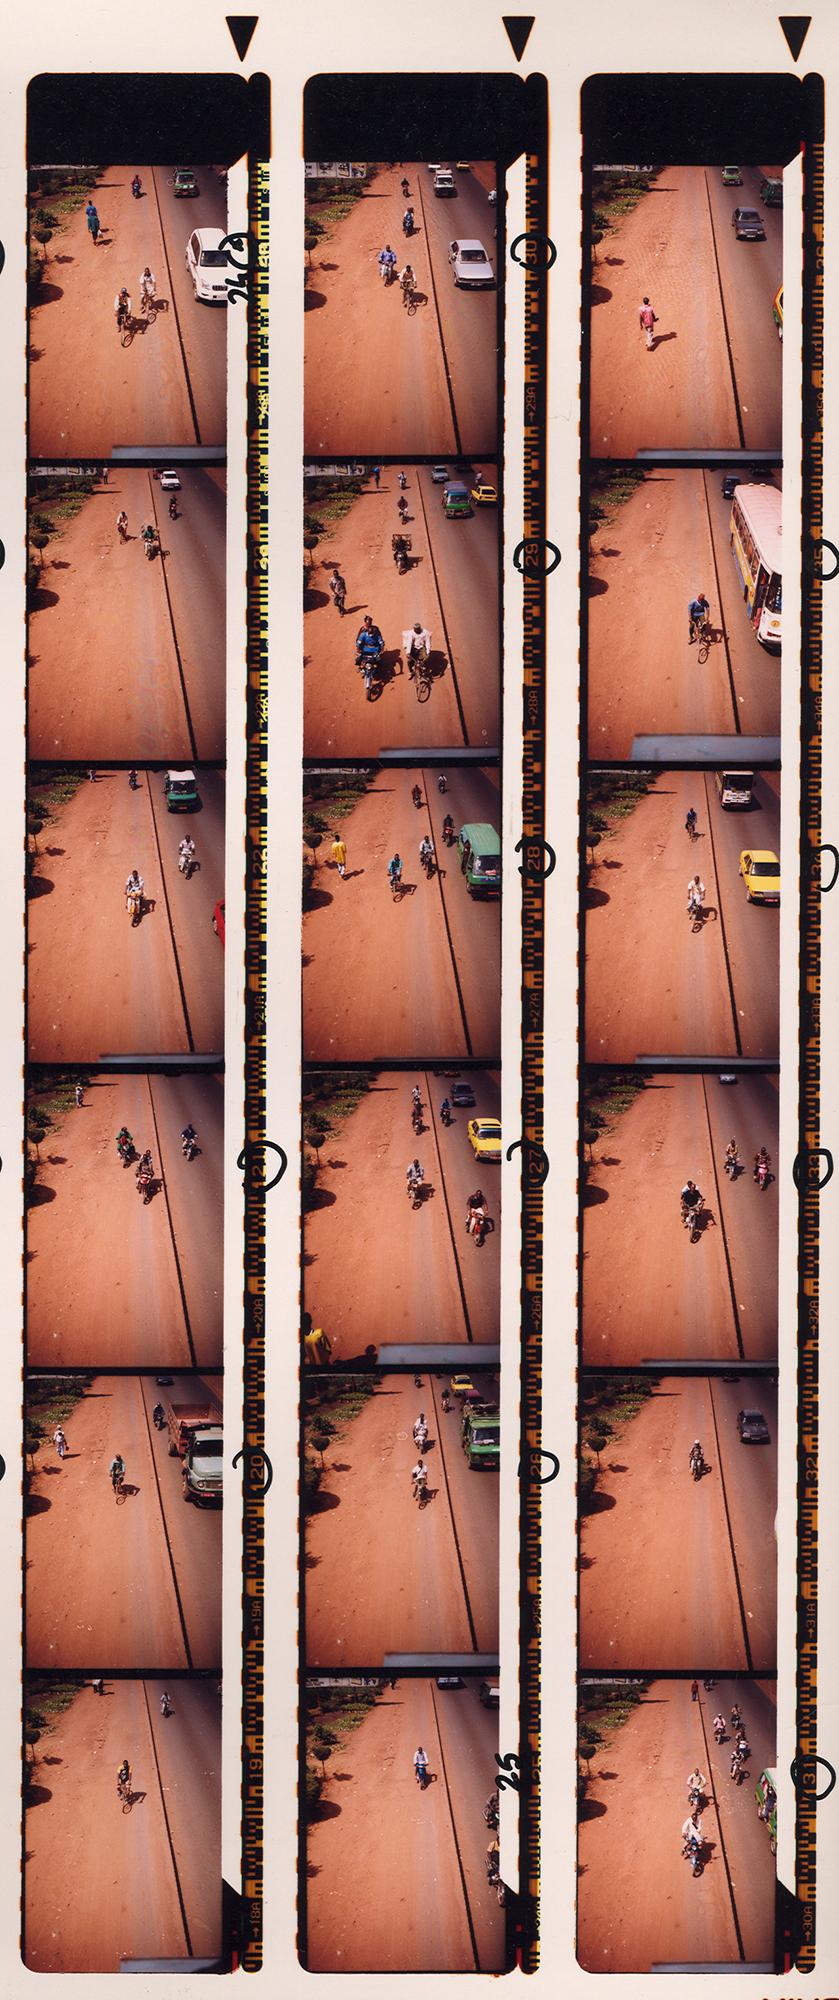 Magnolia Soto. Serie Bamako sur le pont, 2005. Hoja de contacto 6. Fotografía.